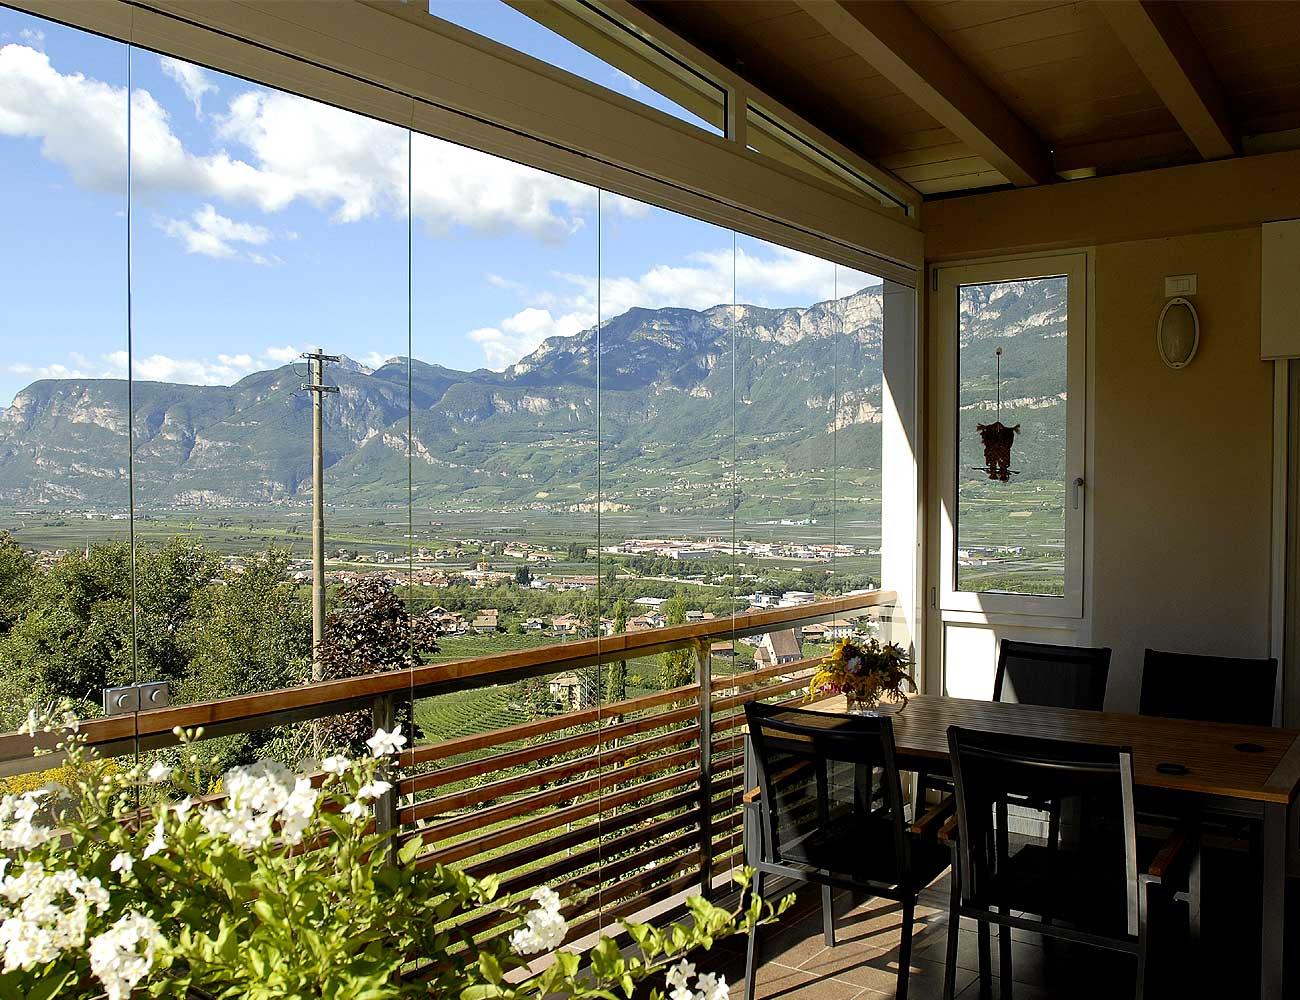 ebiasi-sitzplatzverglasung-balkonverglasung-1